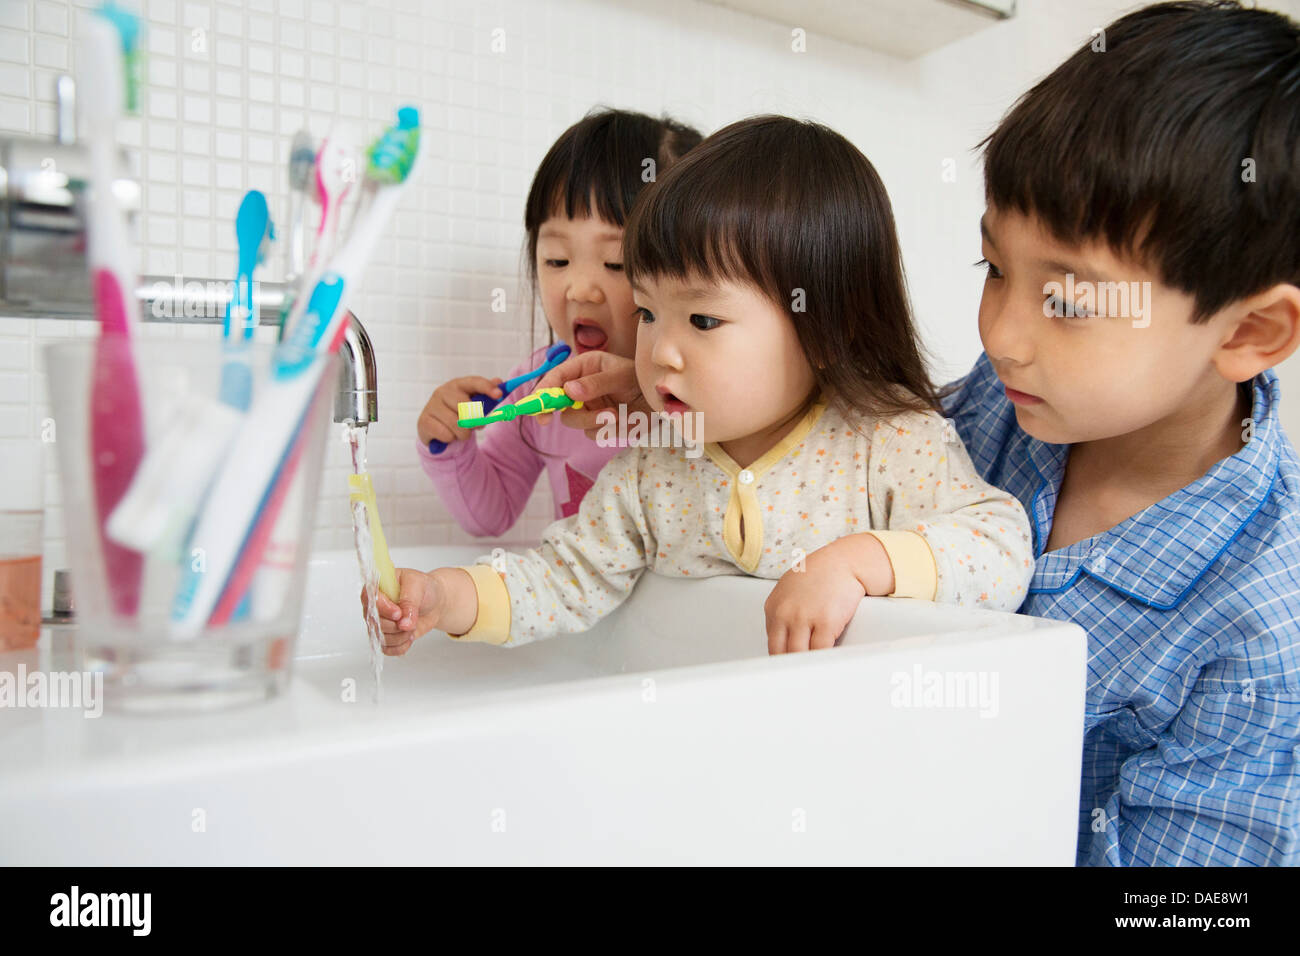 Fratello aiutare le sorelle a pulire i denti Immagini Stock